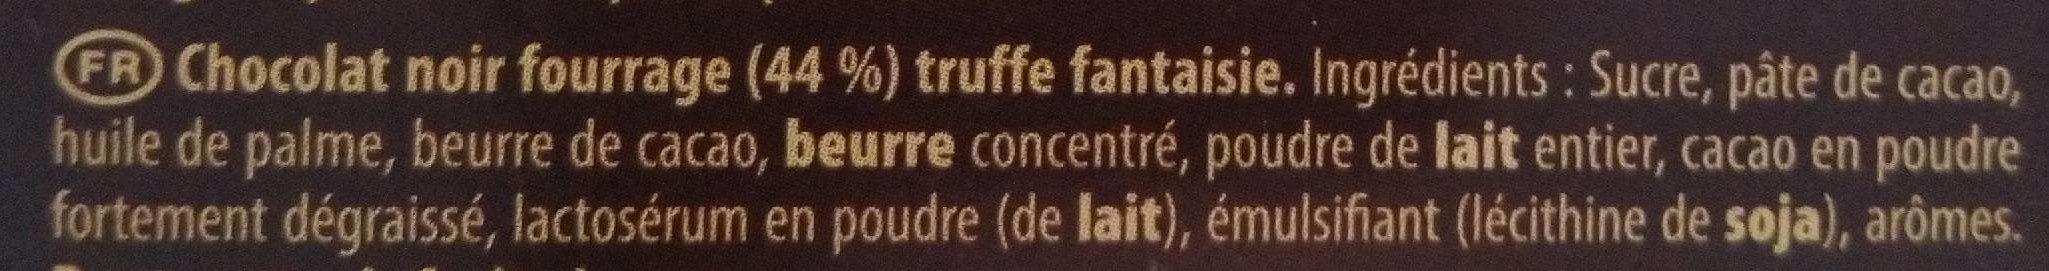 Truffé Noir - Ingrédients